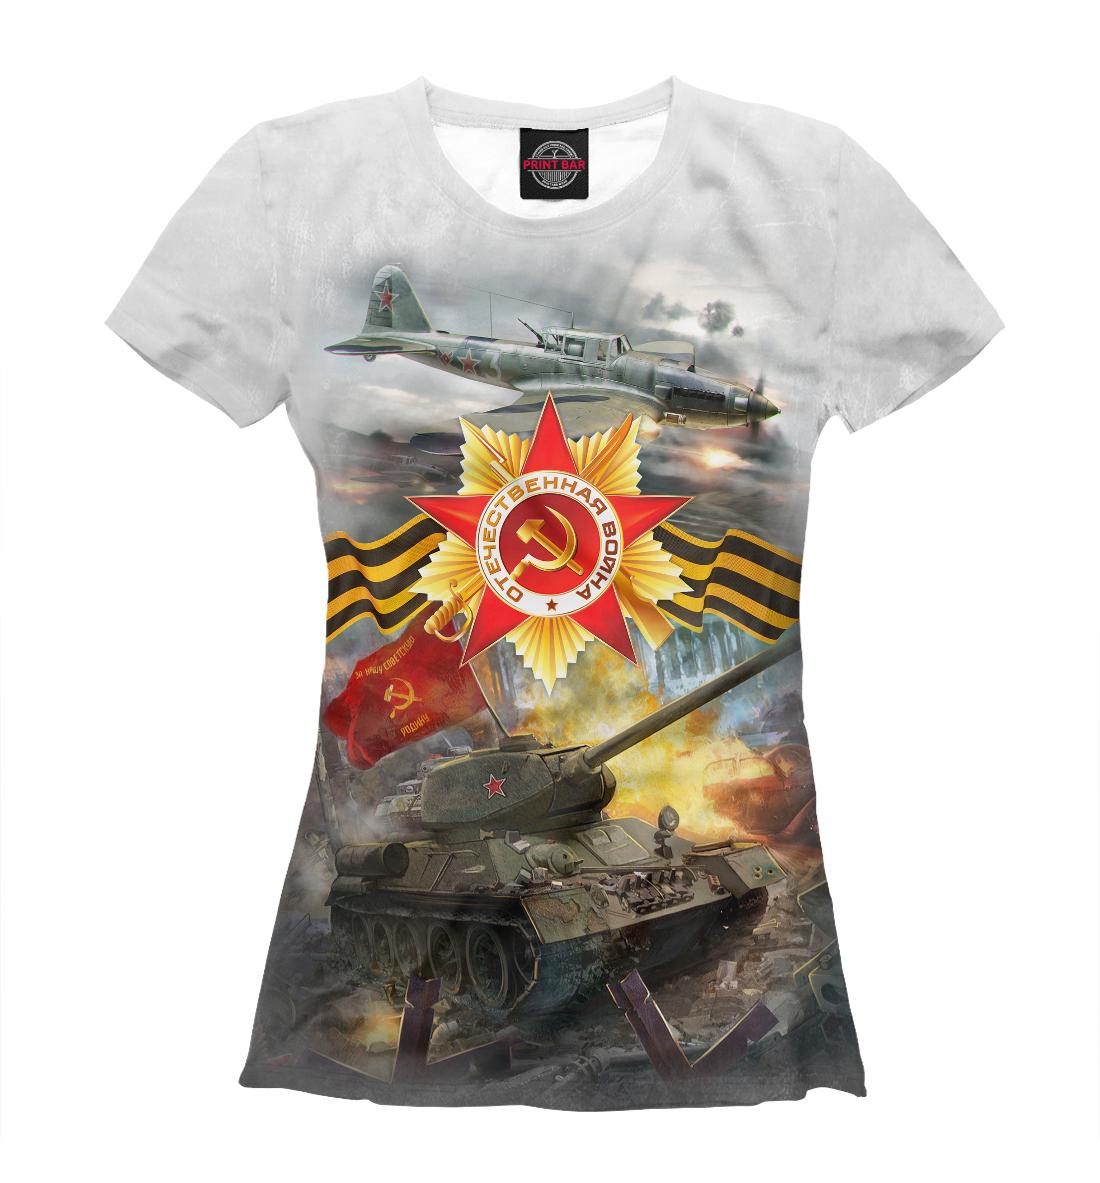 Купить Отечественная война, Printbar, Футболки, 9MA-680372-fut-1